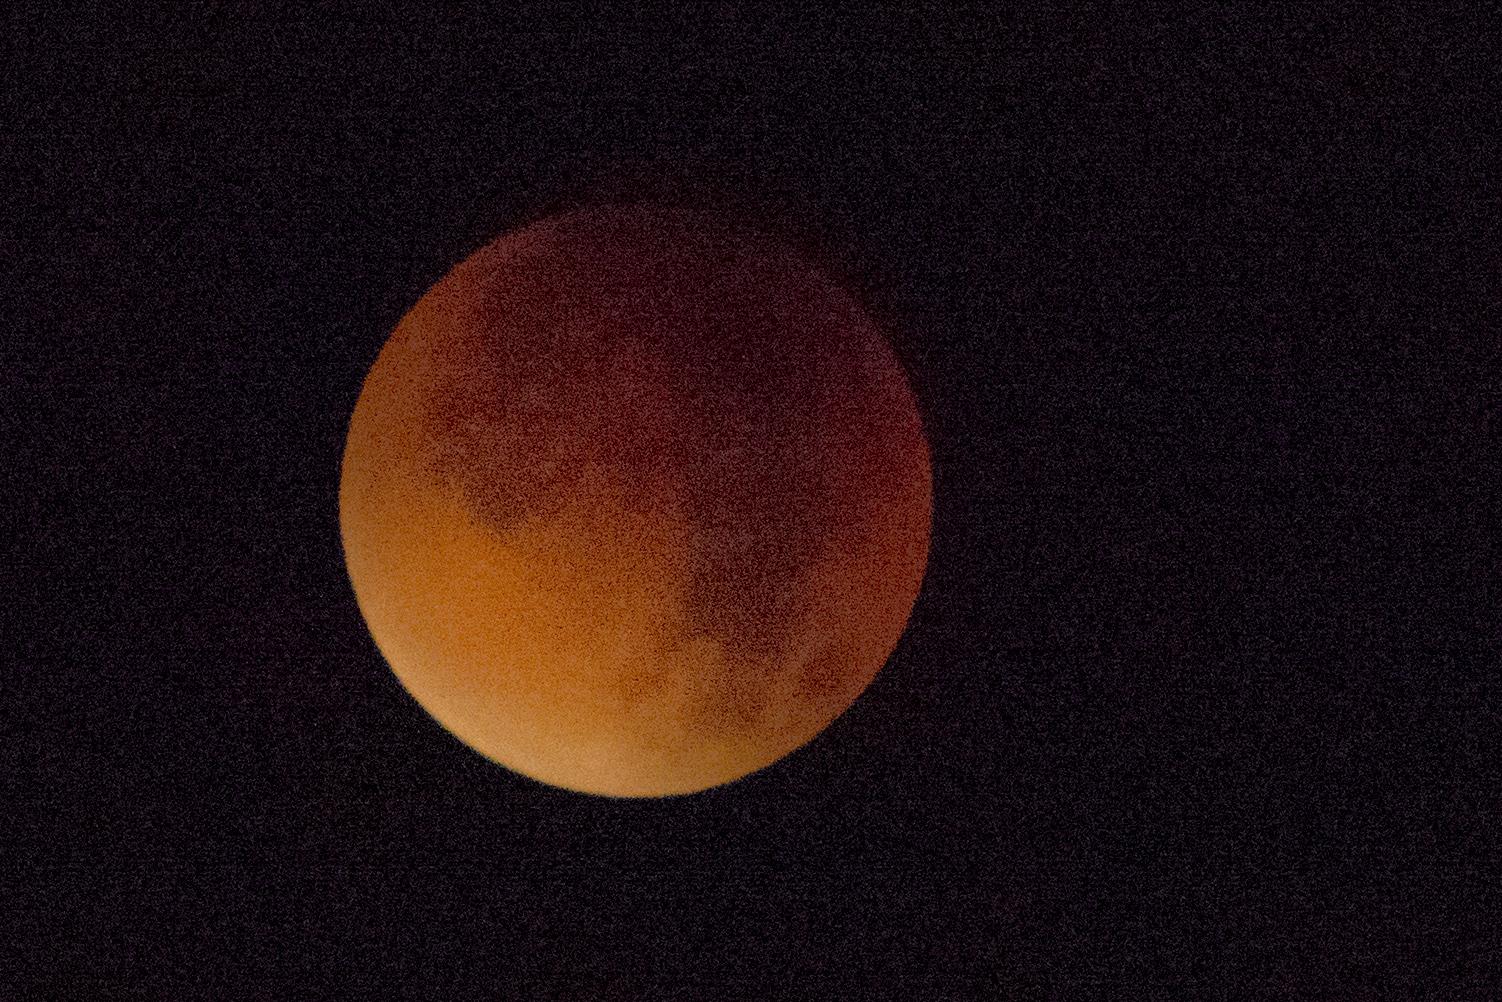 Eclipse et lune rouge